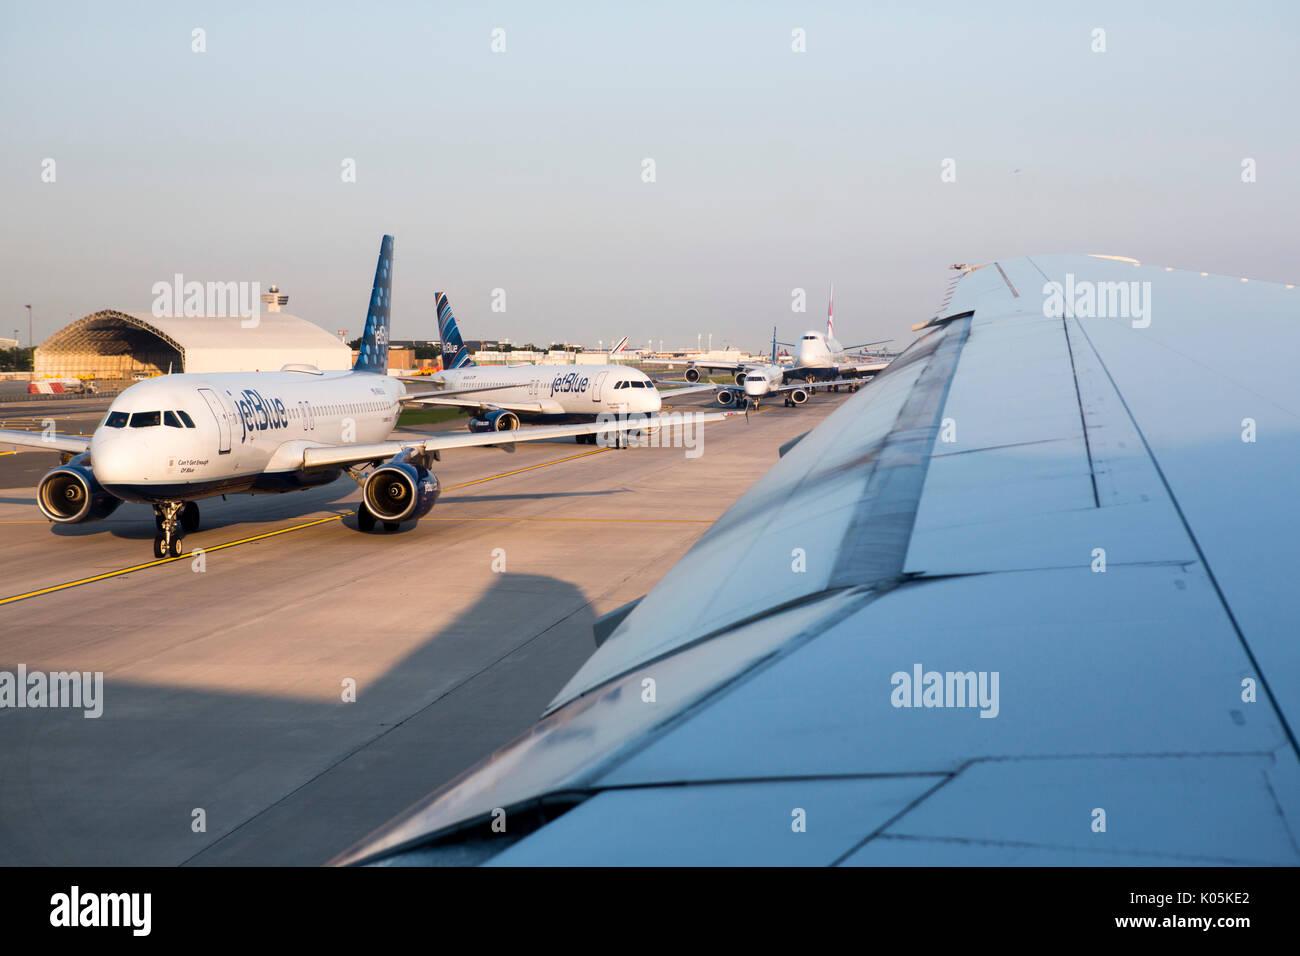 Aeroporto Jfk : Aerei di linea fino al decollo sulle piste dellaeroporto jfk di new